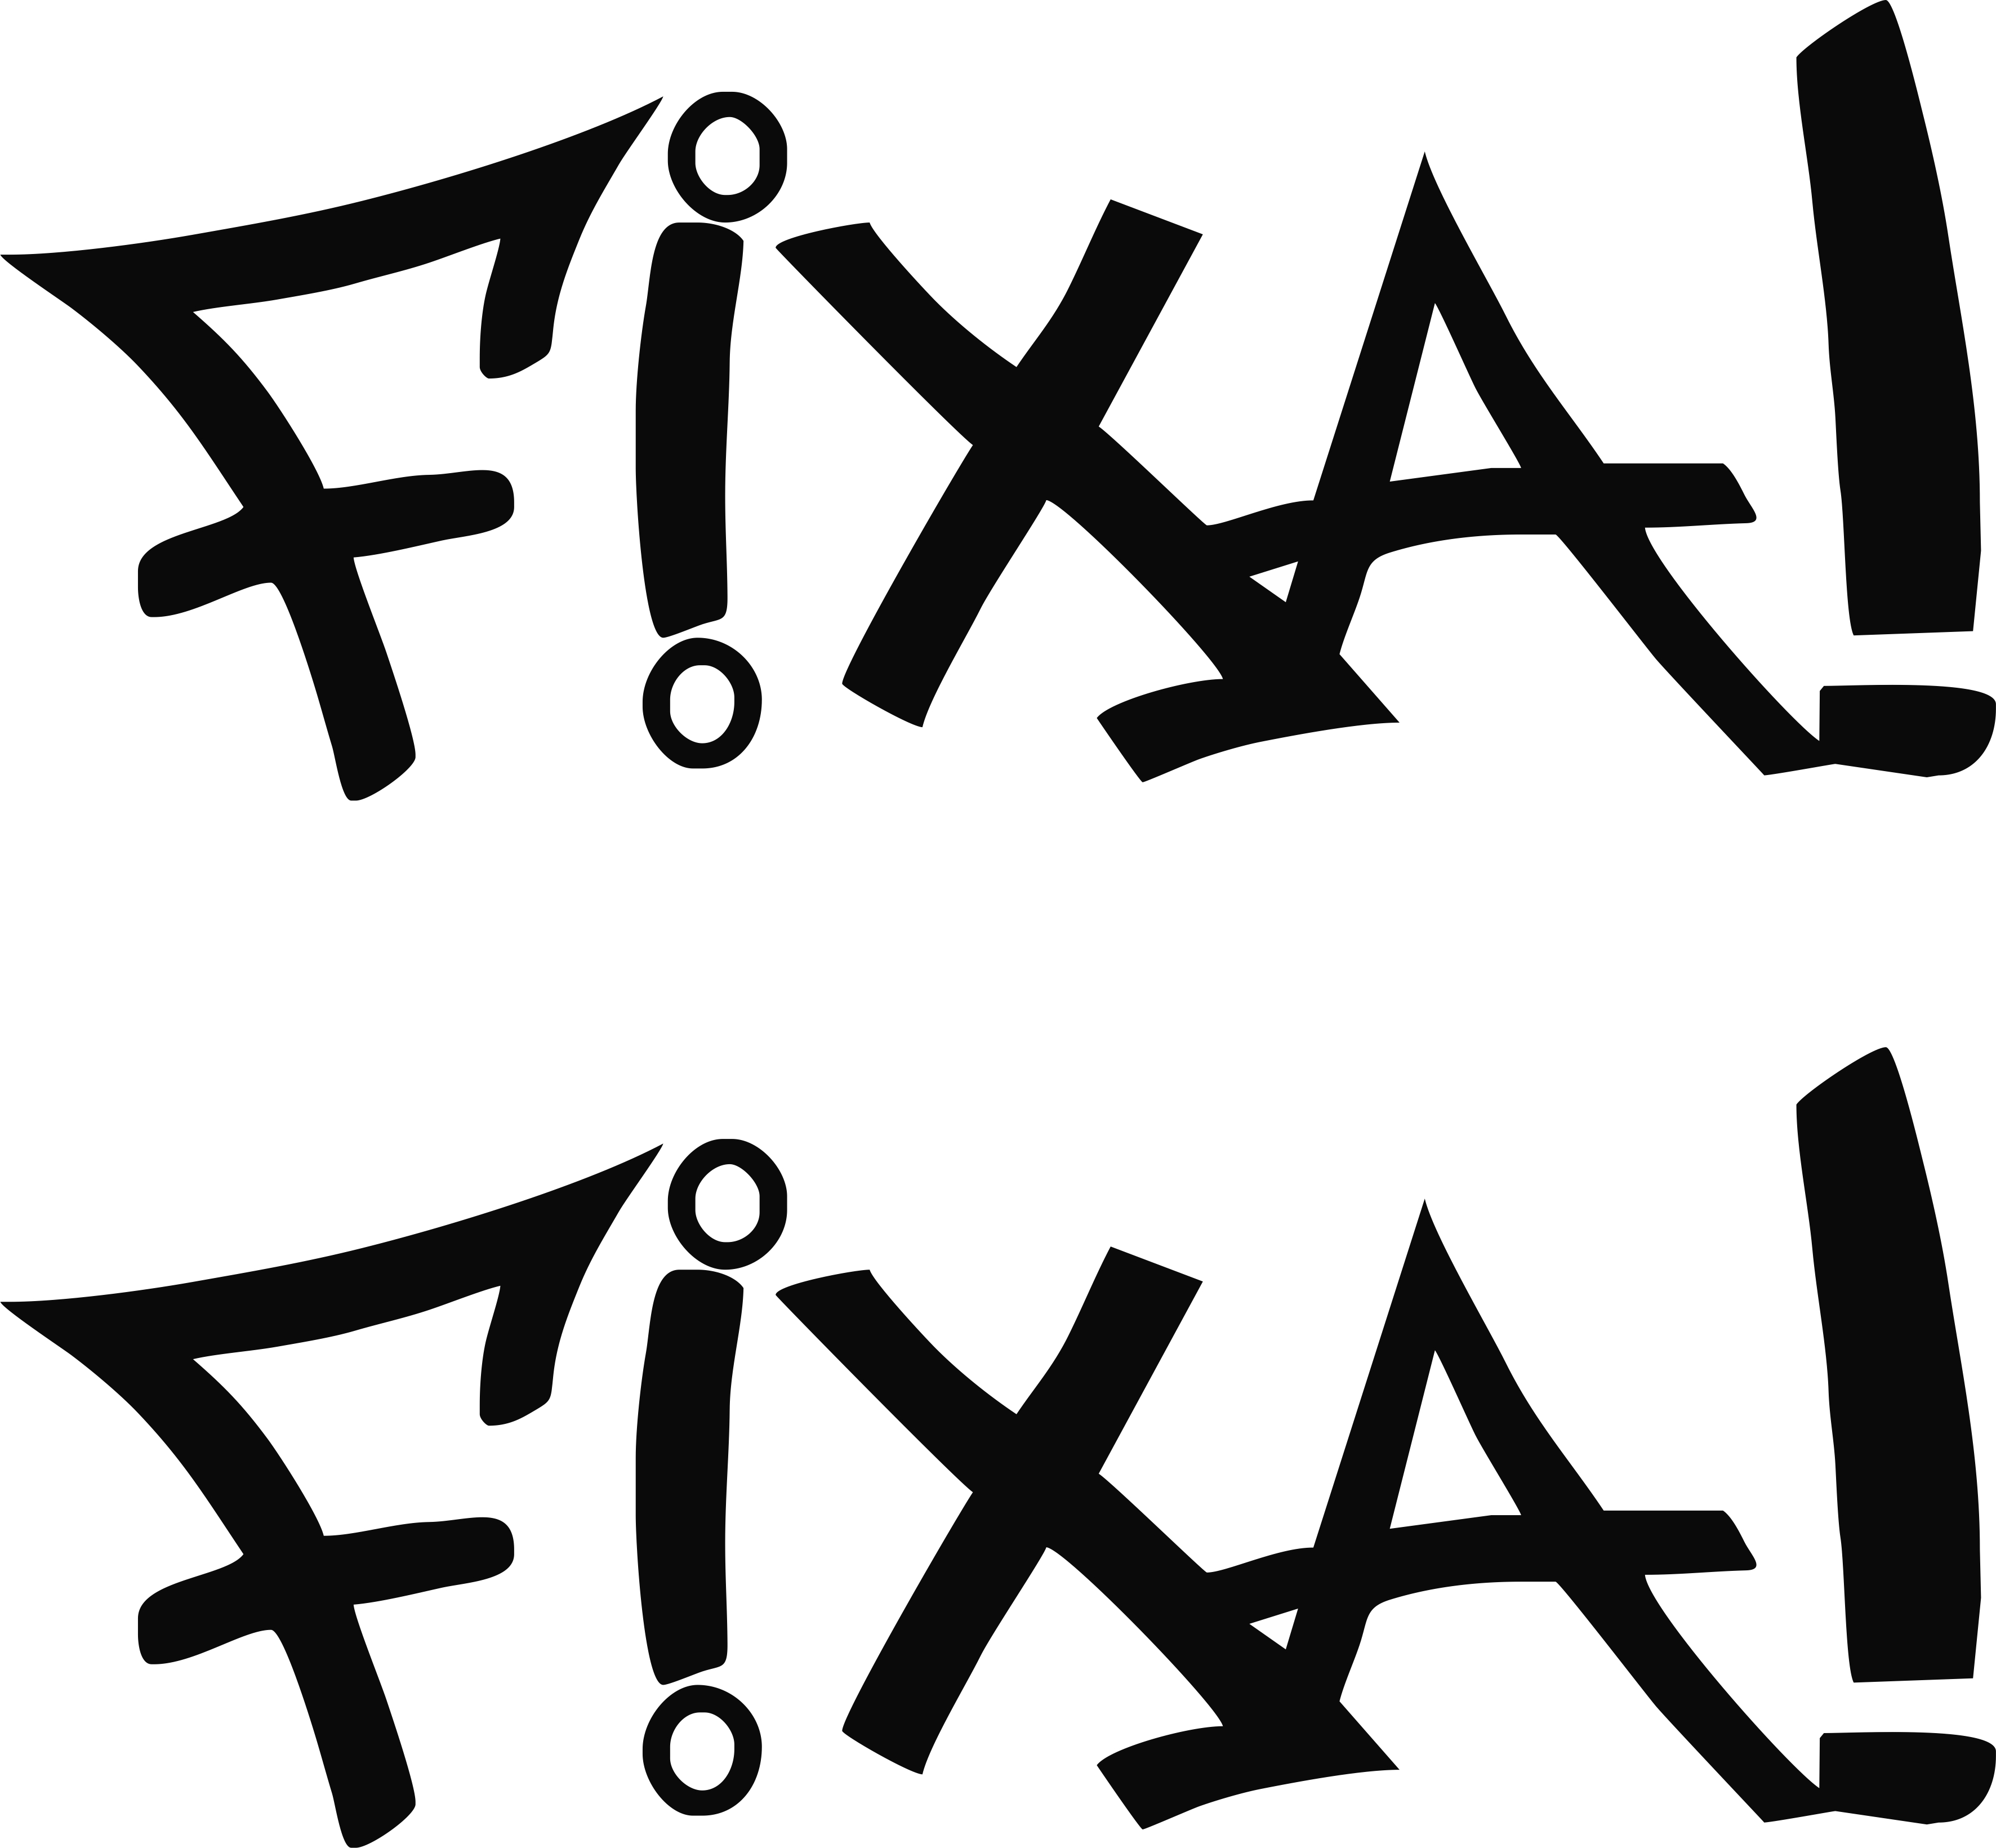 Adesivo Fixa 2 Pecas Motos Carro Tuning